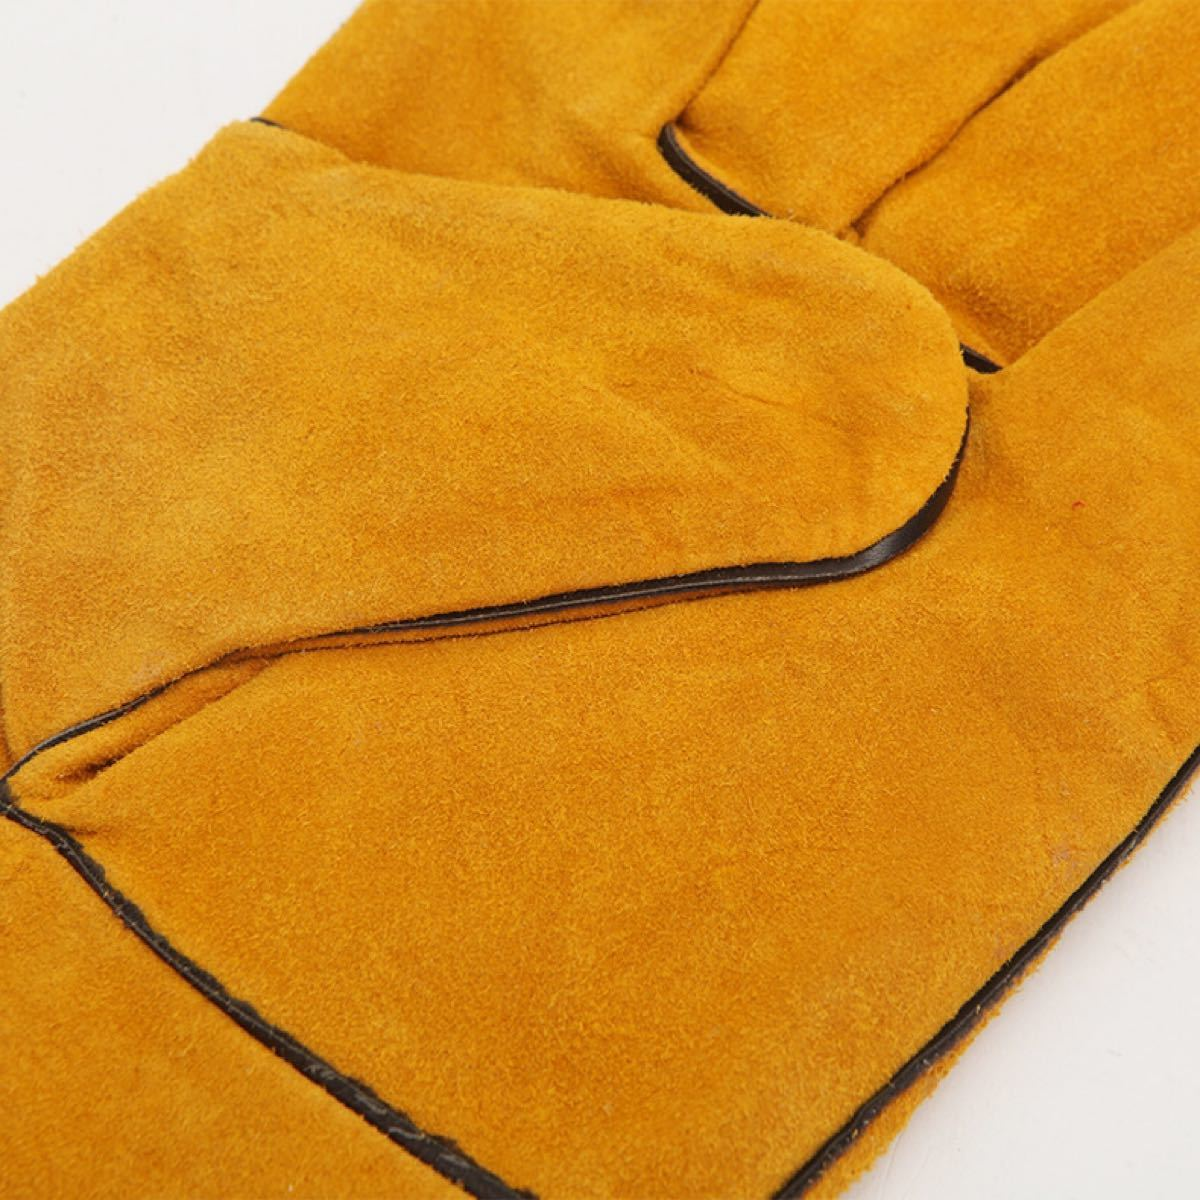 耐熱 手袋 キャンプグローブ レザーグローブ BBQ耐熱グローブ アウトドア用